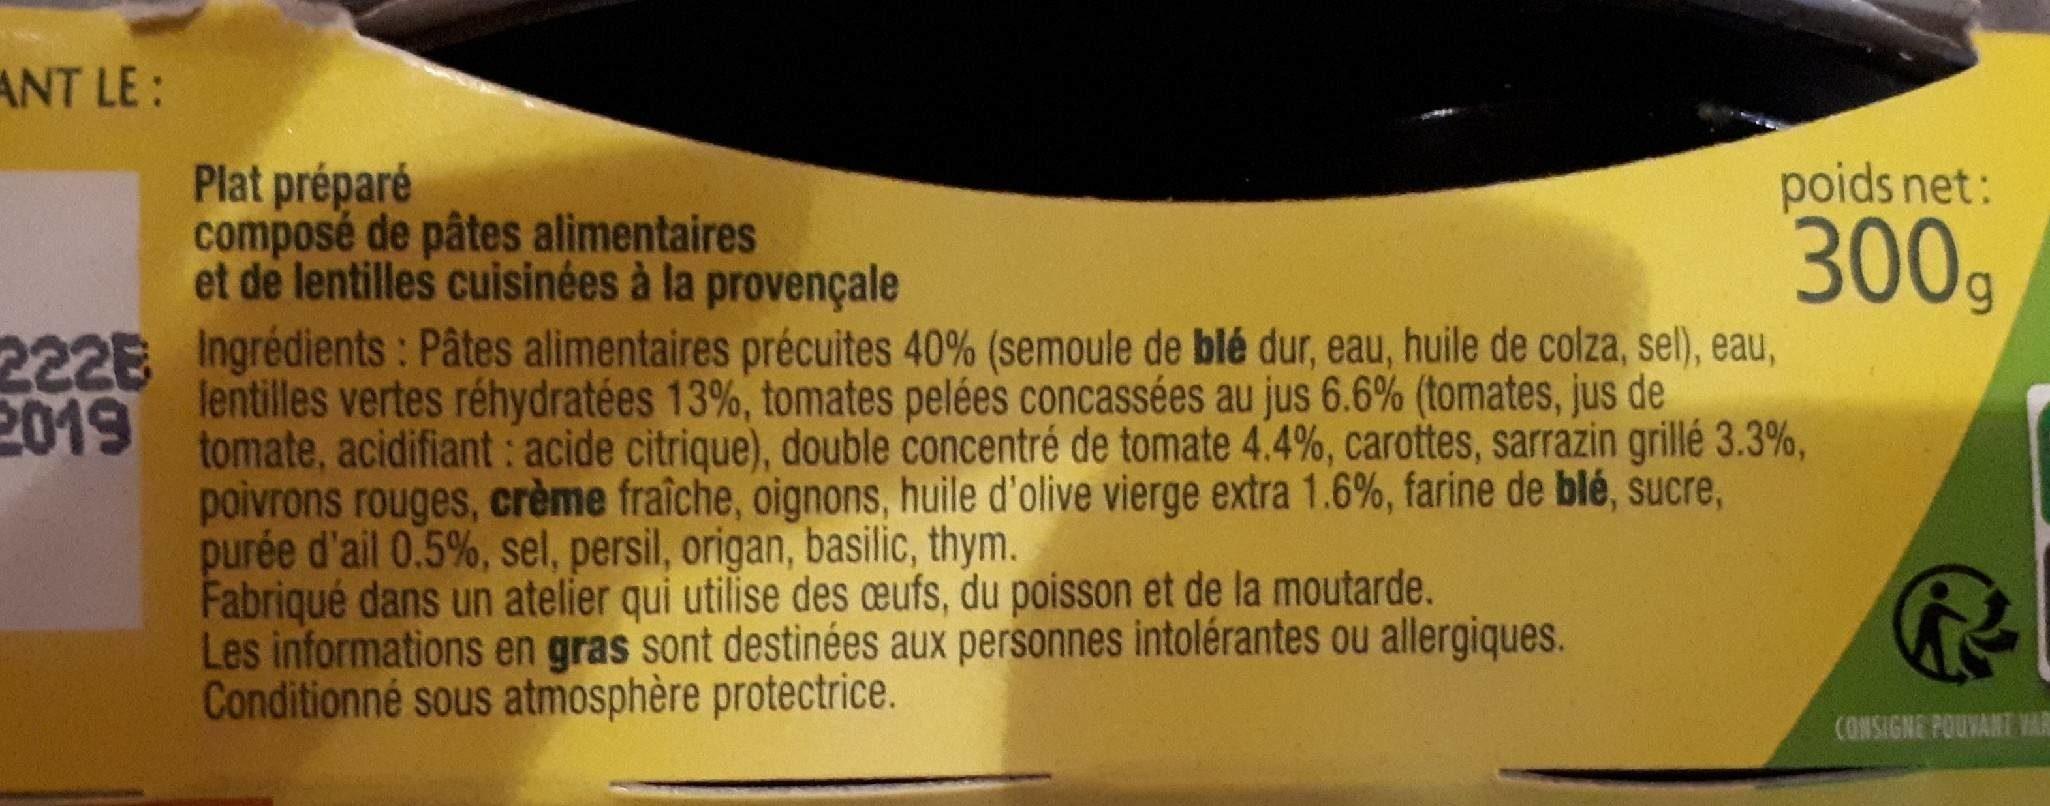 Pâtes pépinettes et lentilles à la provençale - Ingredients - fr